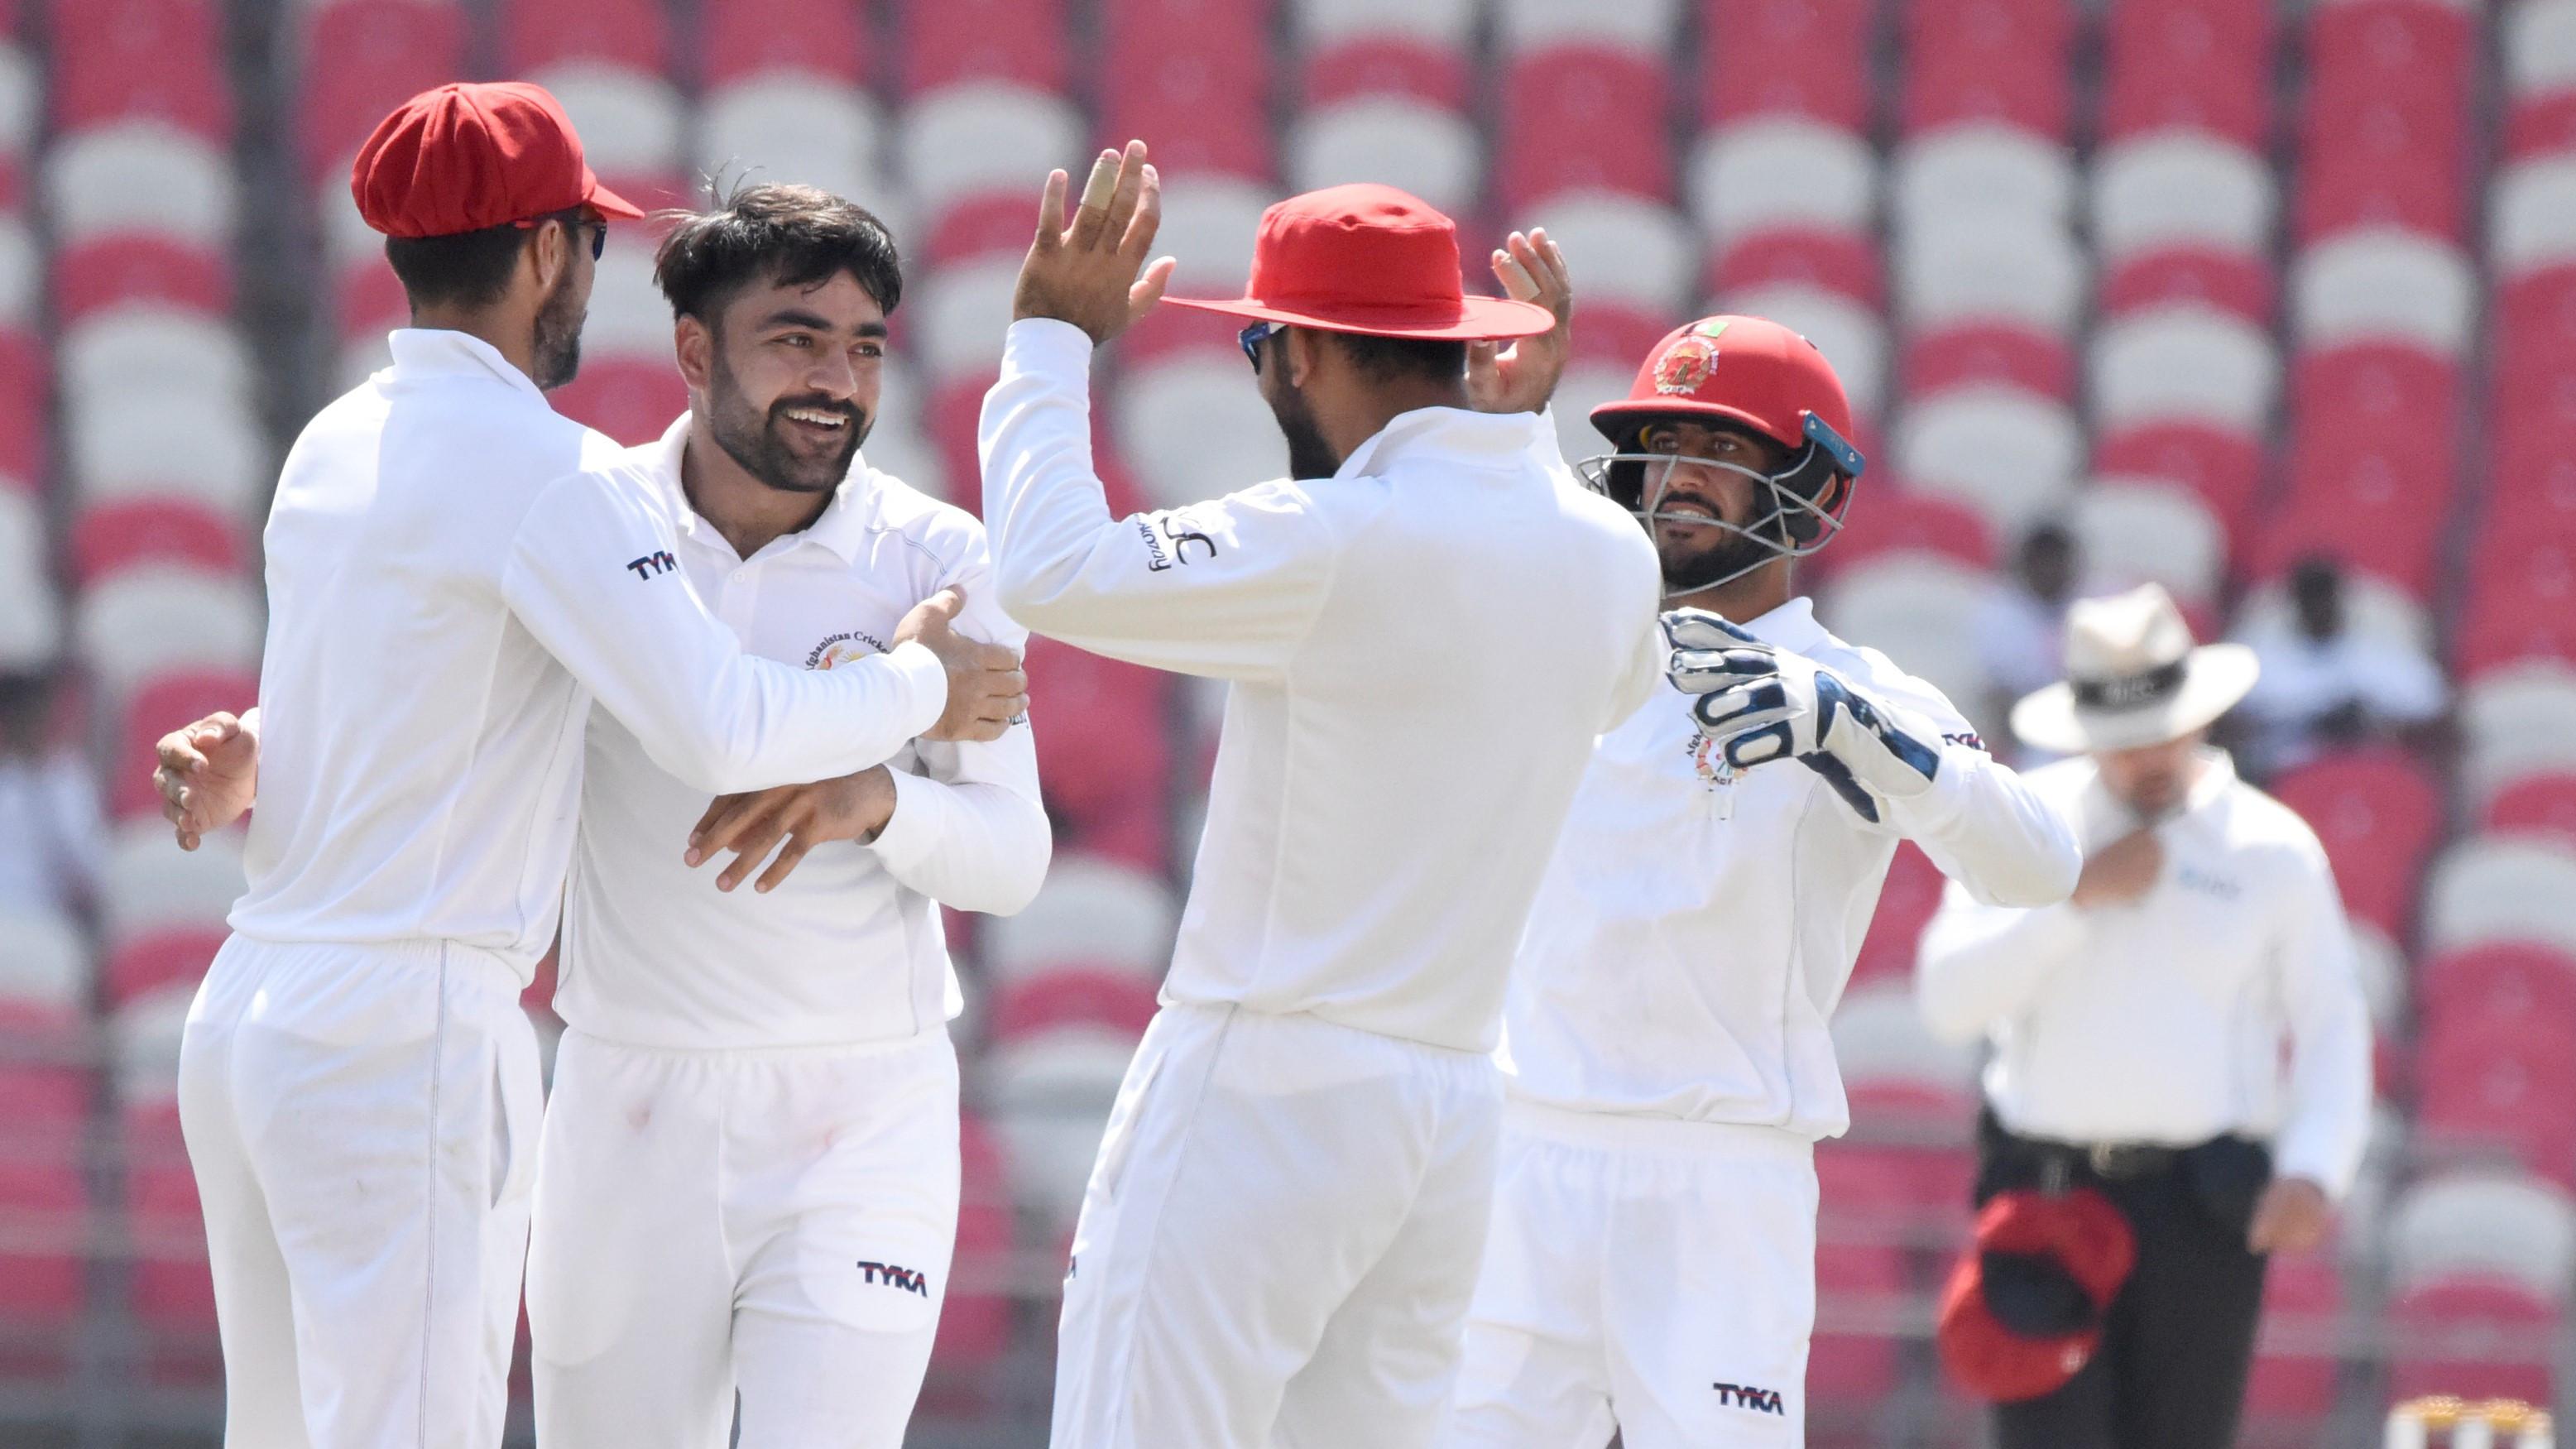 अफ़ग़ानिस्तान ने अपना पहला टेस्ट मैच जीतकर रच दिया इतिहास